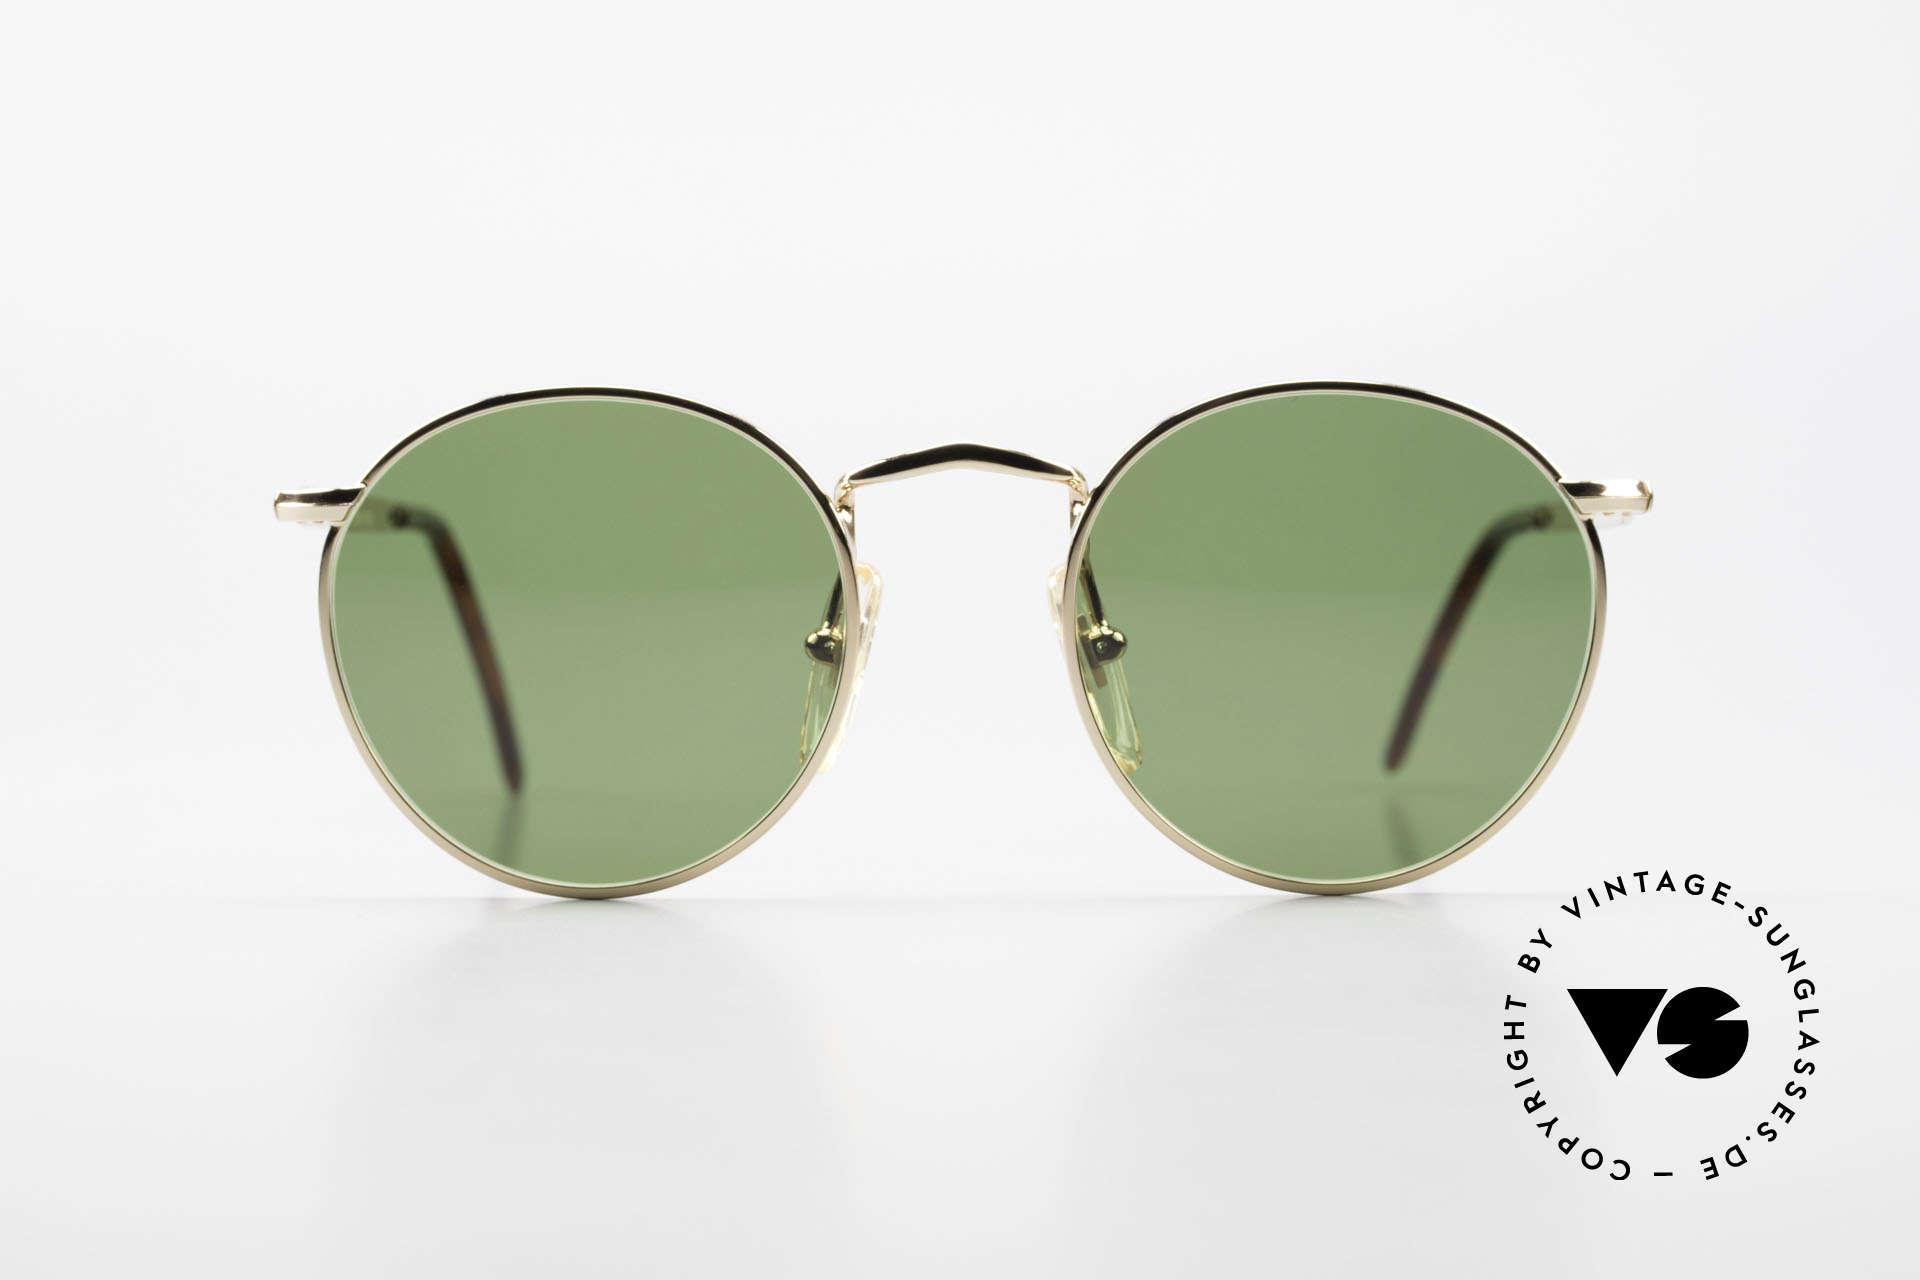 John Lennon - The Dreamer Original JL Collection Brille, Model 'The Dreamer': Panto-Brille in 47mm Größe, Passend für Herren und Damen